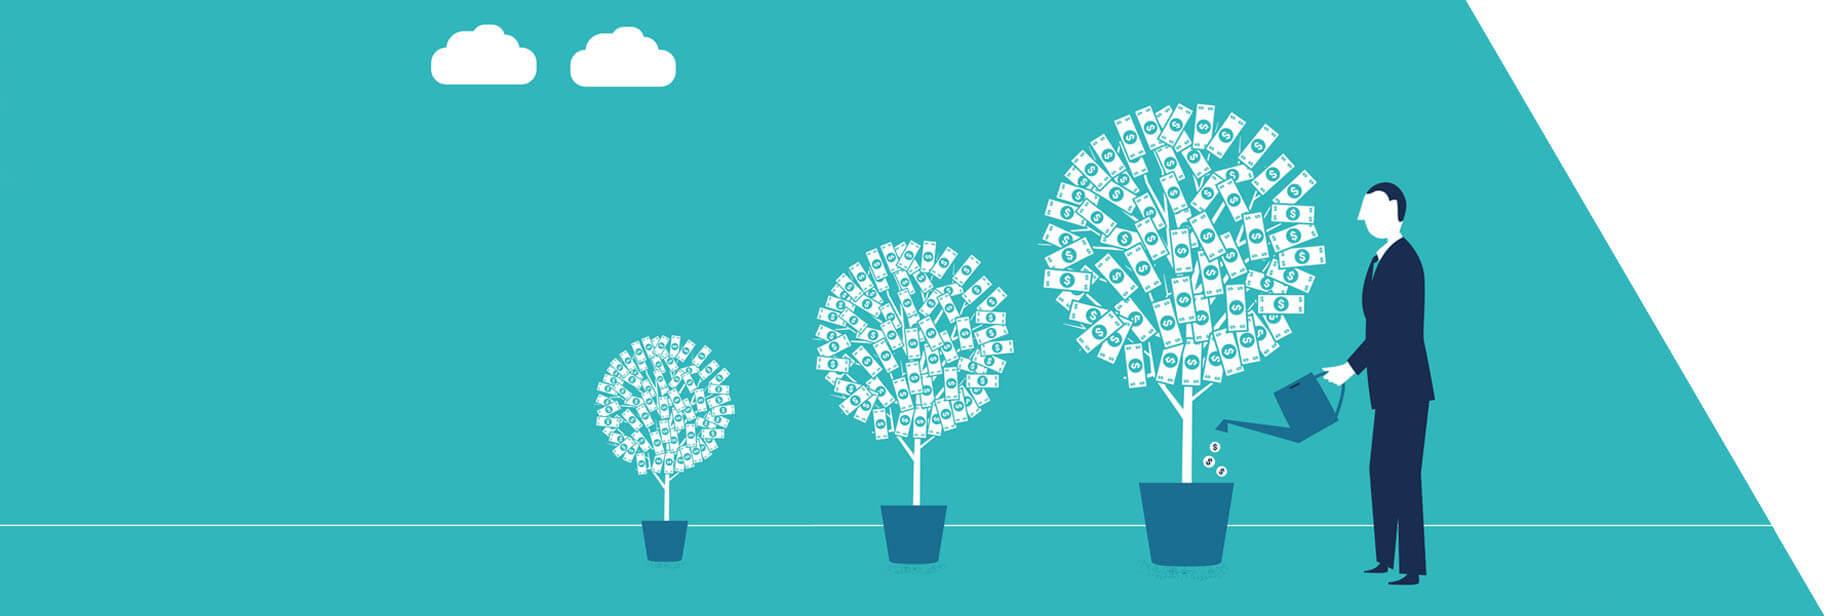 Luna august este anunțată ca termen pentru noi lansări de apeluri pentru IMM-uri ce vizează finanțări de tip grant: 0.2 mil - 1 mil de euro sau credit și grant: 1 mil-5 mil euro